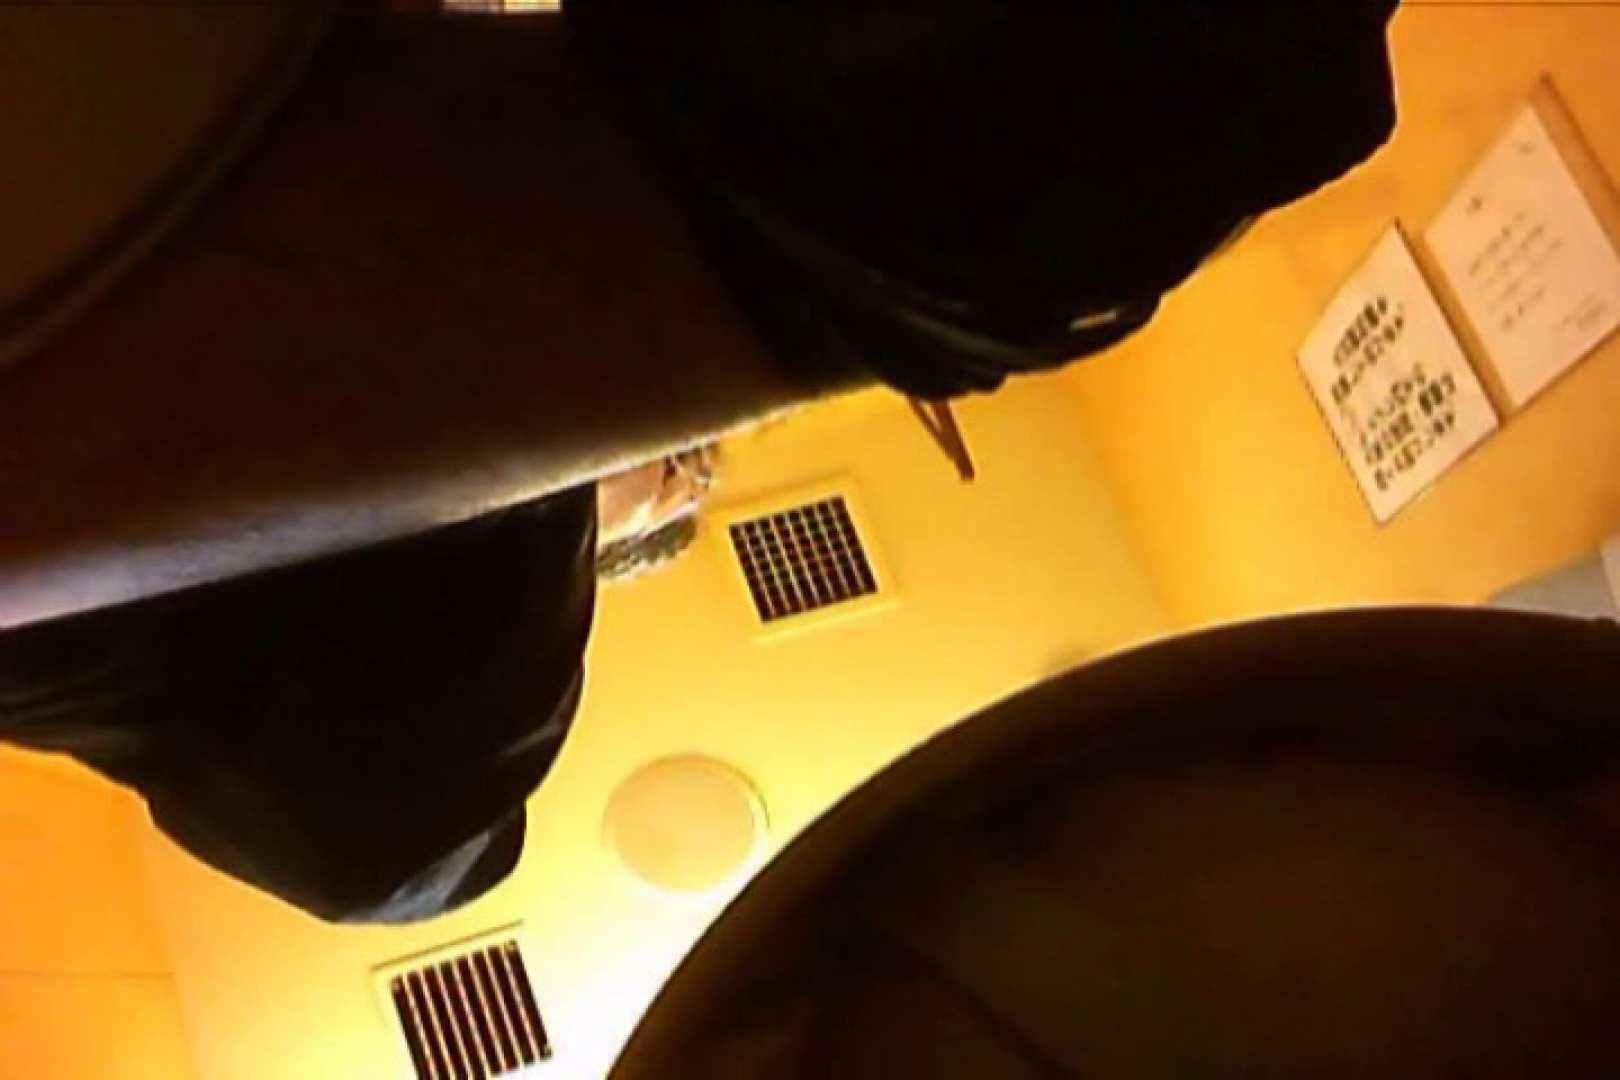 SEASON 2ND!掴み取りさんの洗面所覗き!in新幹線!VOL.04 完全無修正でお届け   ノンケボーイズ  64pic 55